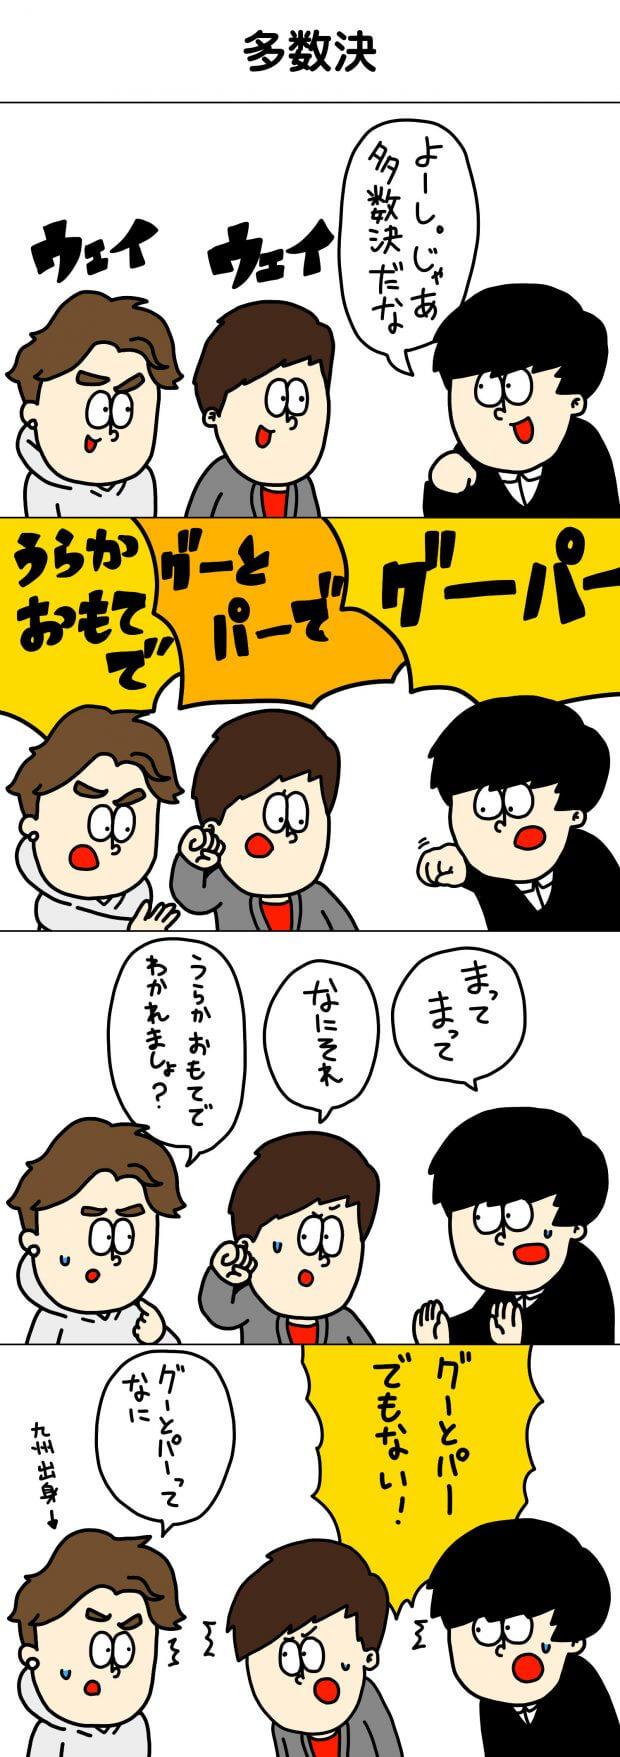 多数決 アメヒロ 漫画 4コマ フロム・エー FromA